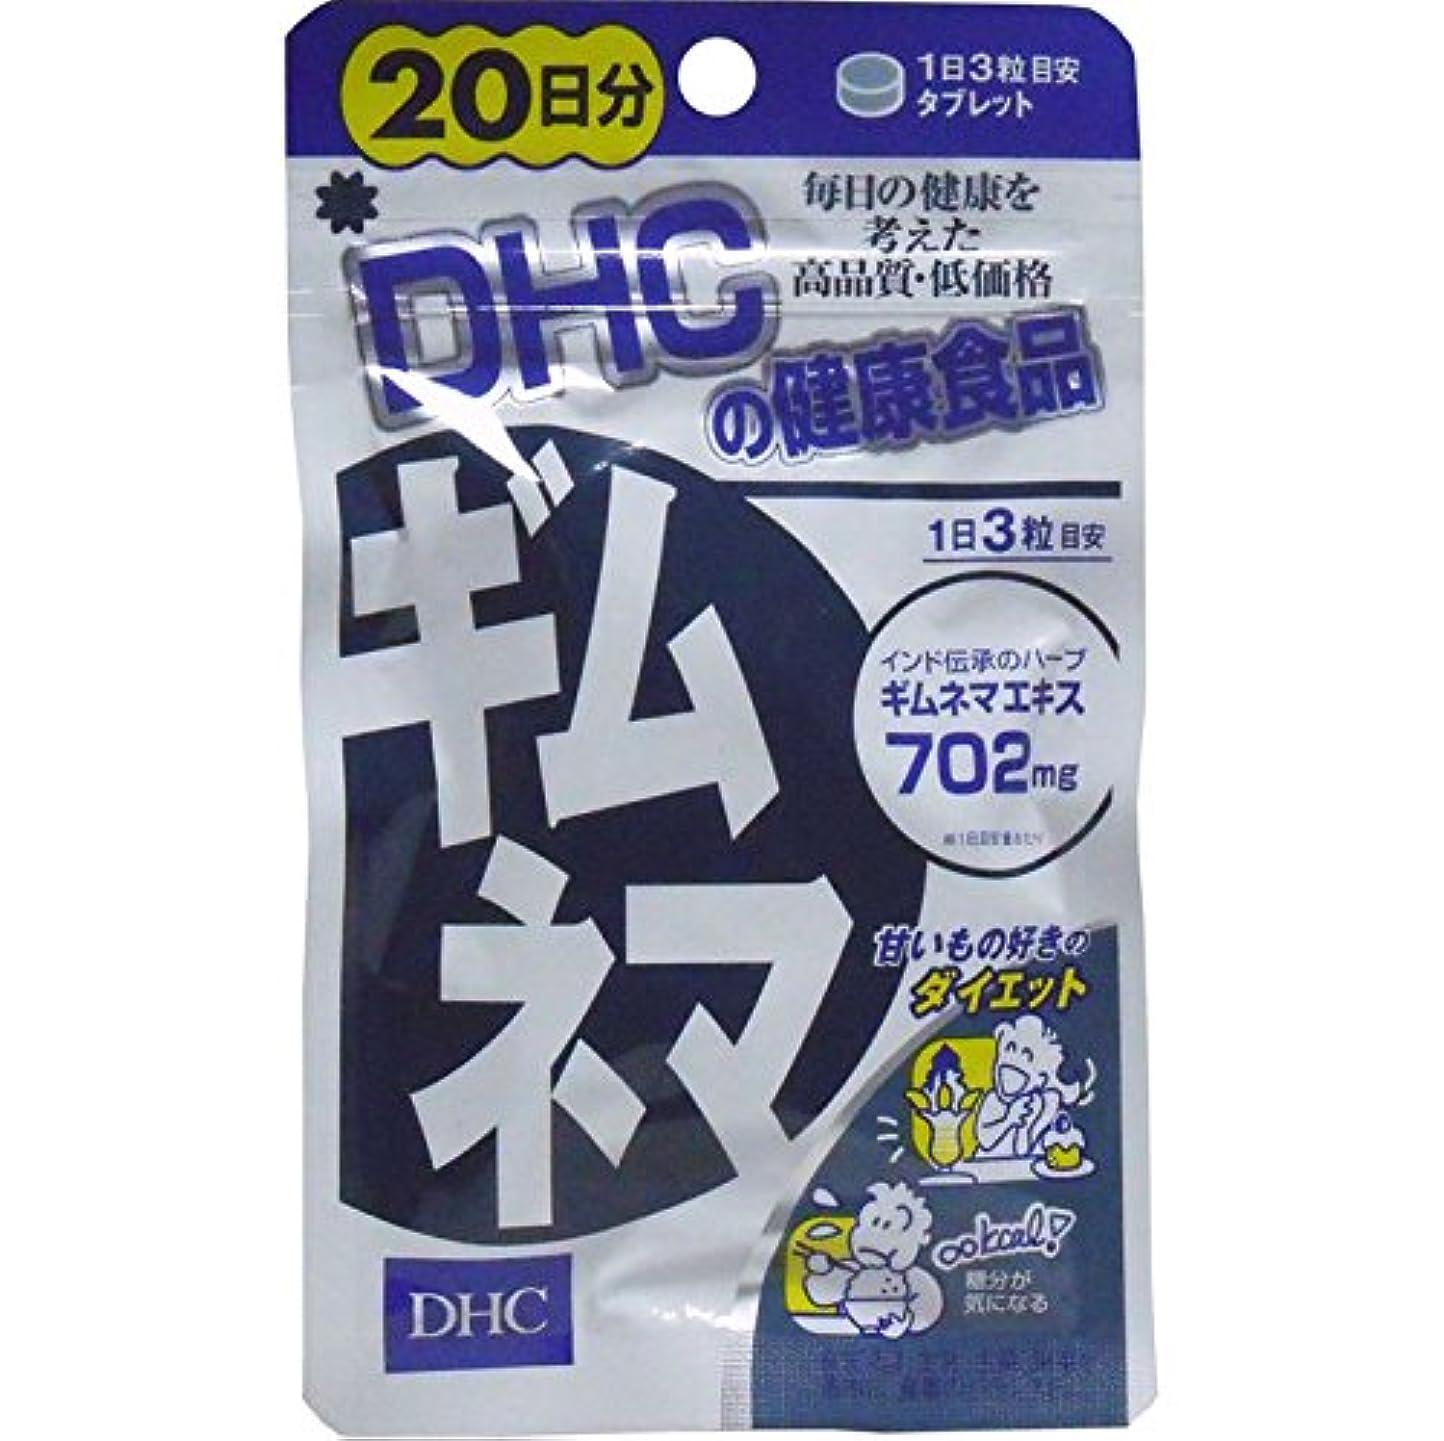 地域ヒール描く糖分や炭水化物を多く摂る人に DHC ギムネマ 20日分 60粒